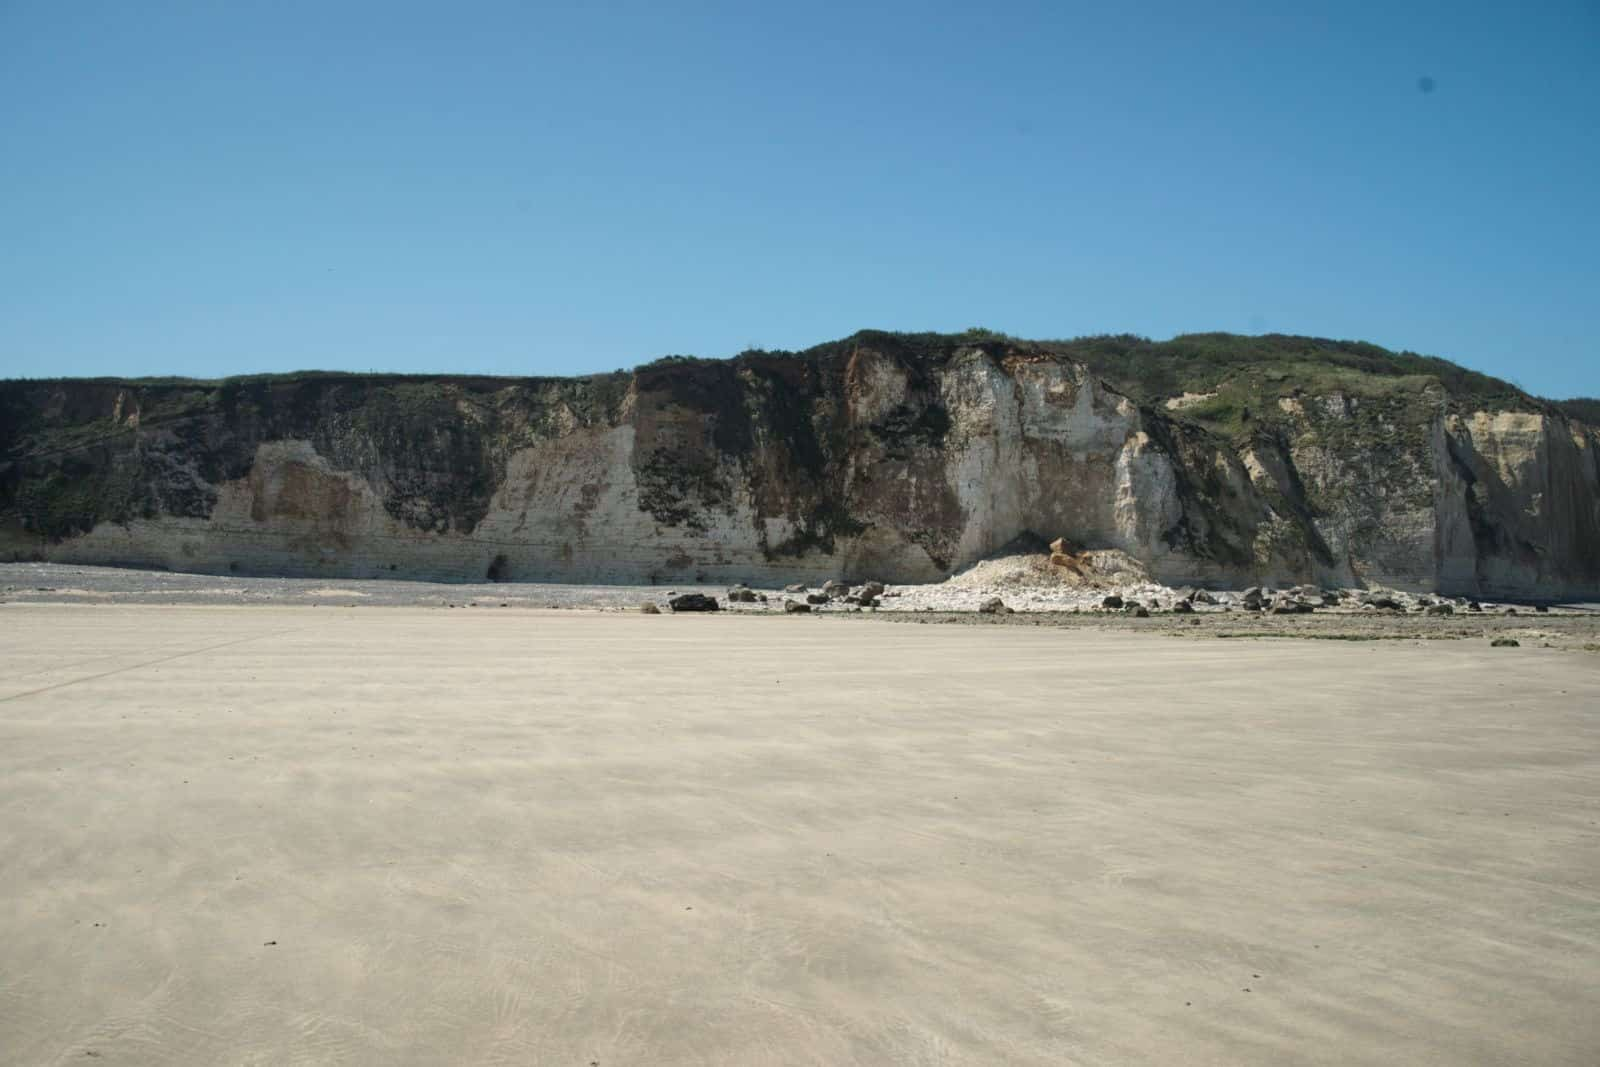 Varengeville-sur-Mer_-_Beach_at_la_Gorge_du_Petit_Ailly_-_View_SSW